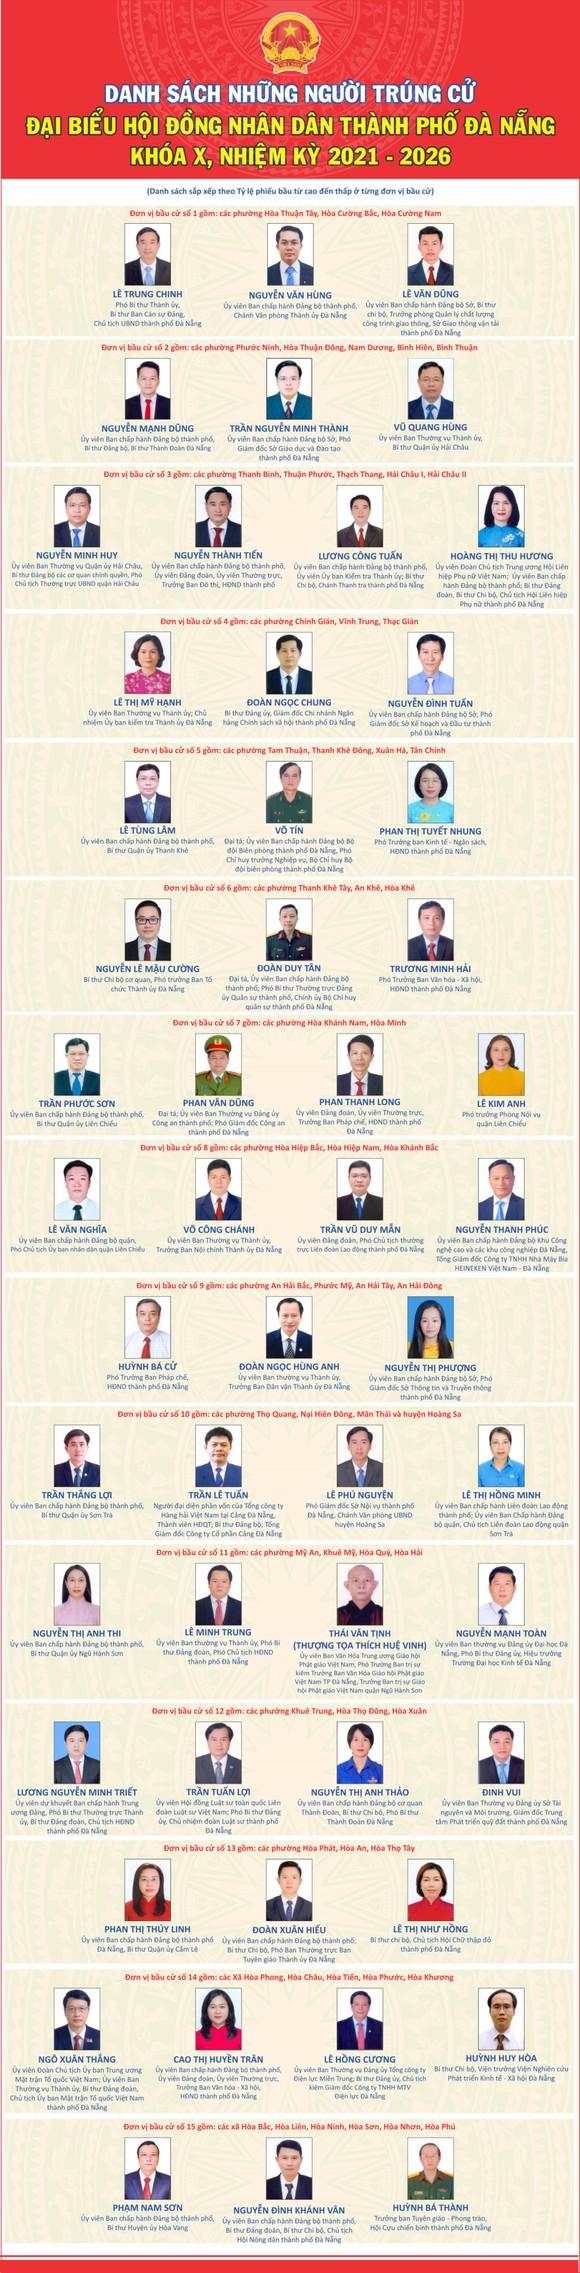 Đà Nẵng công bố danh sách 52 người trúng cử đại biểu HĐND thành phố khóa X, nhiệm kỳ 2021-2026 ảnh 1